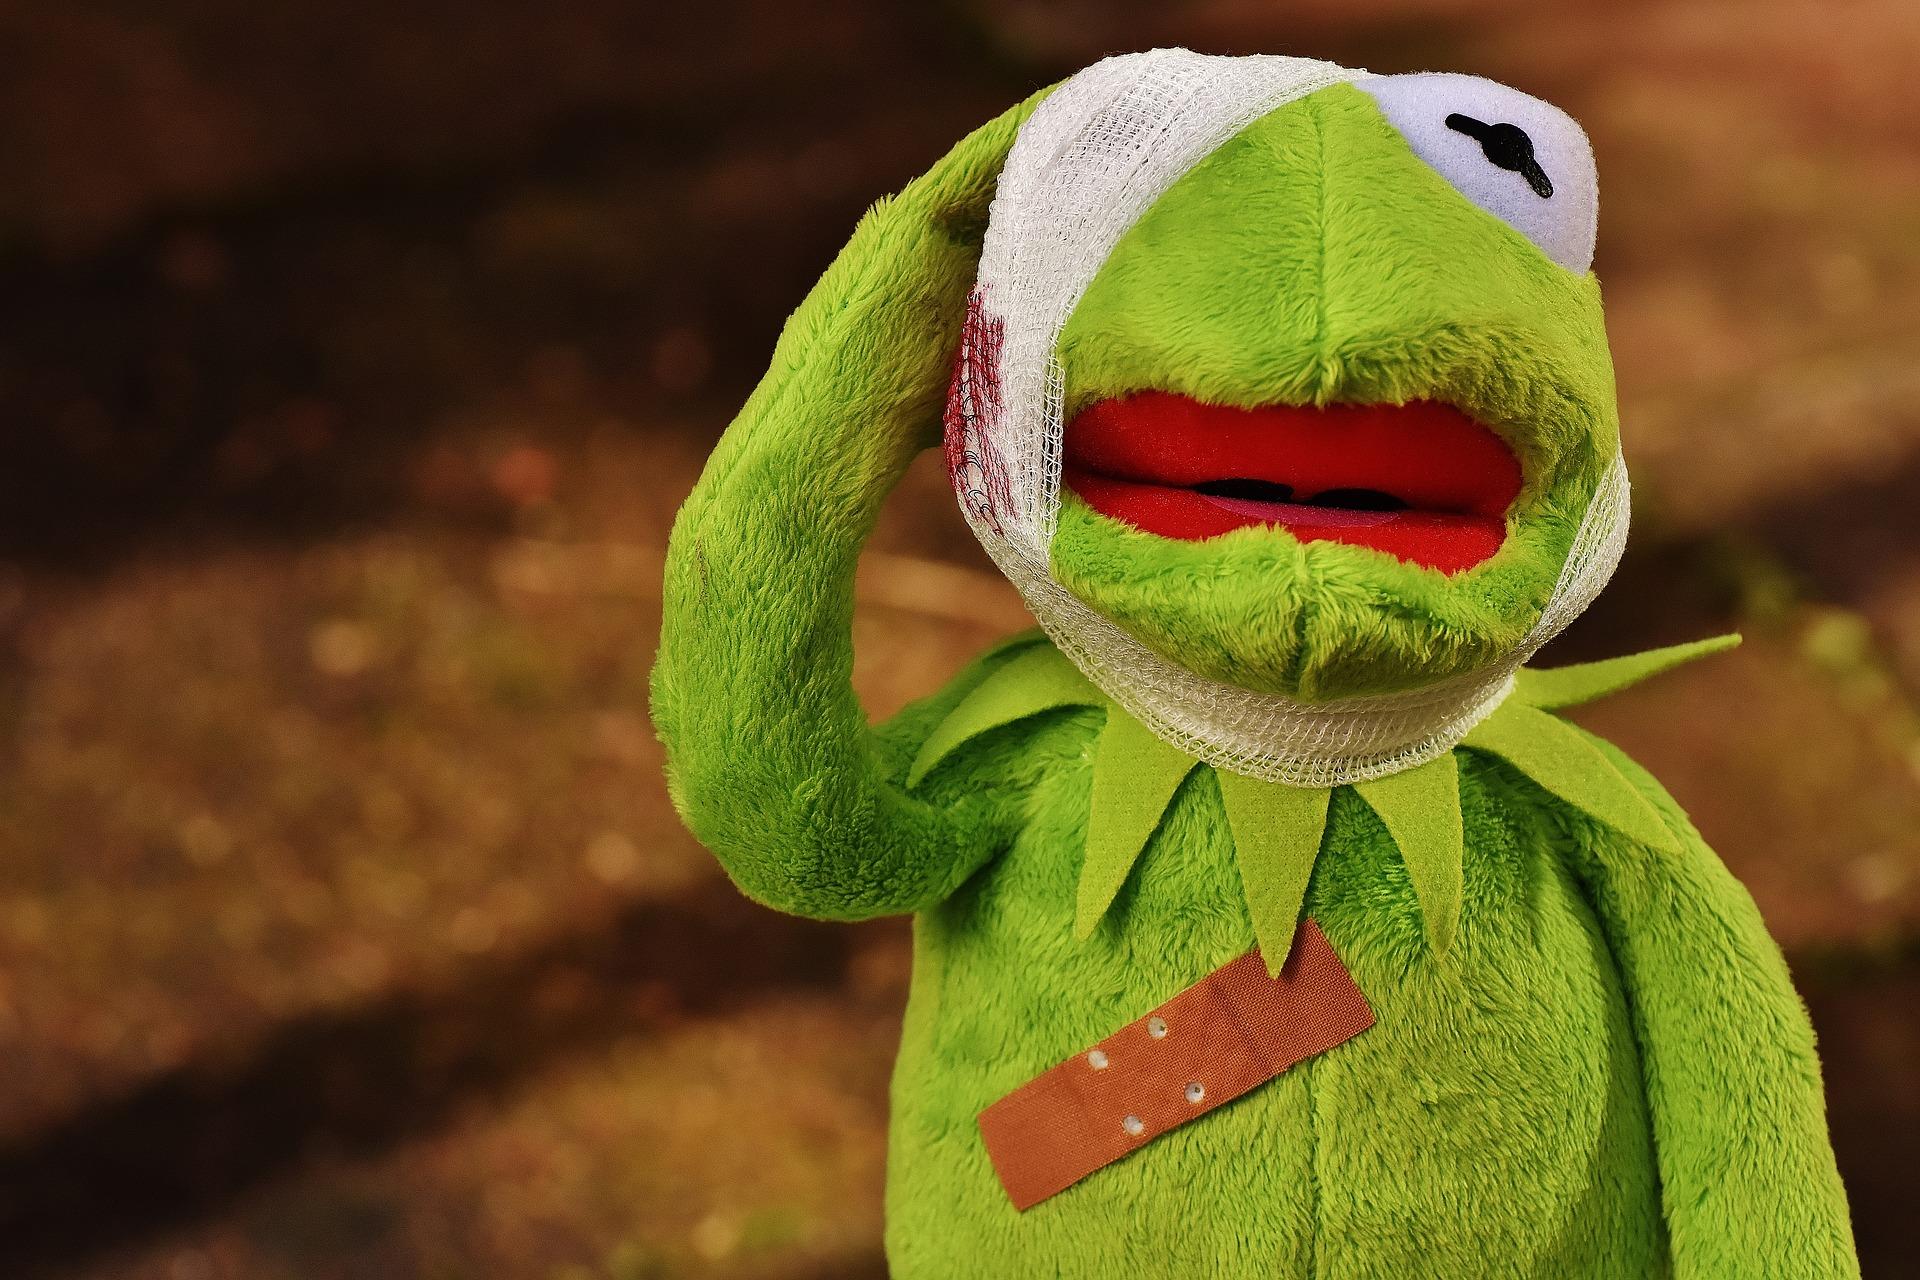 傷を負ったカエルの写真